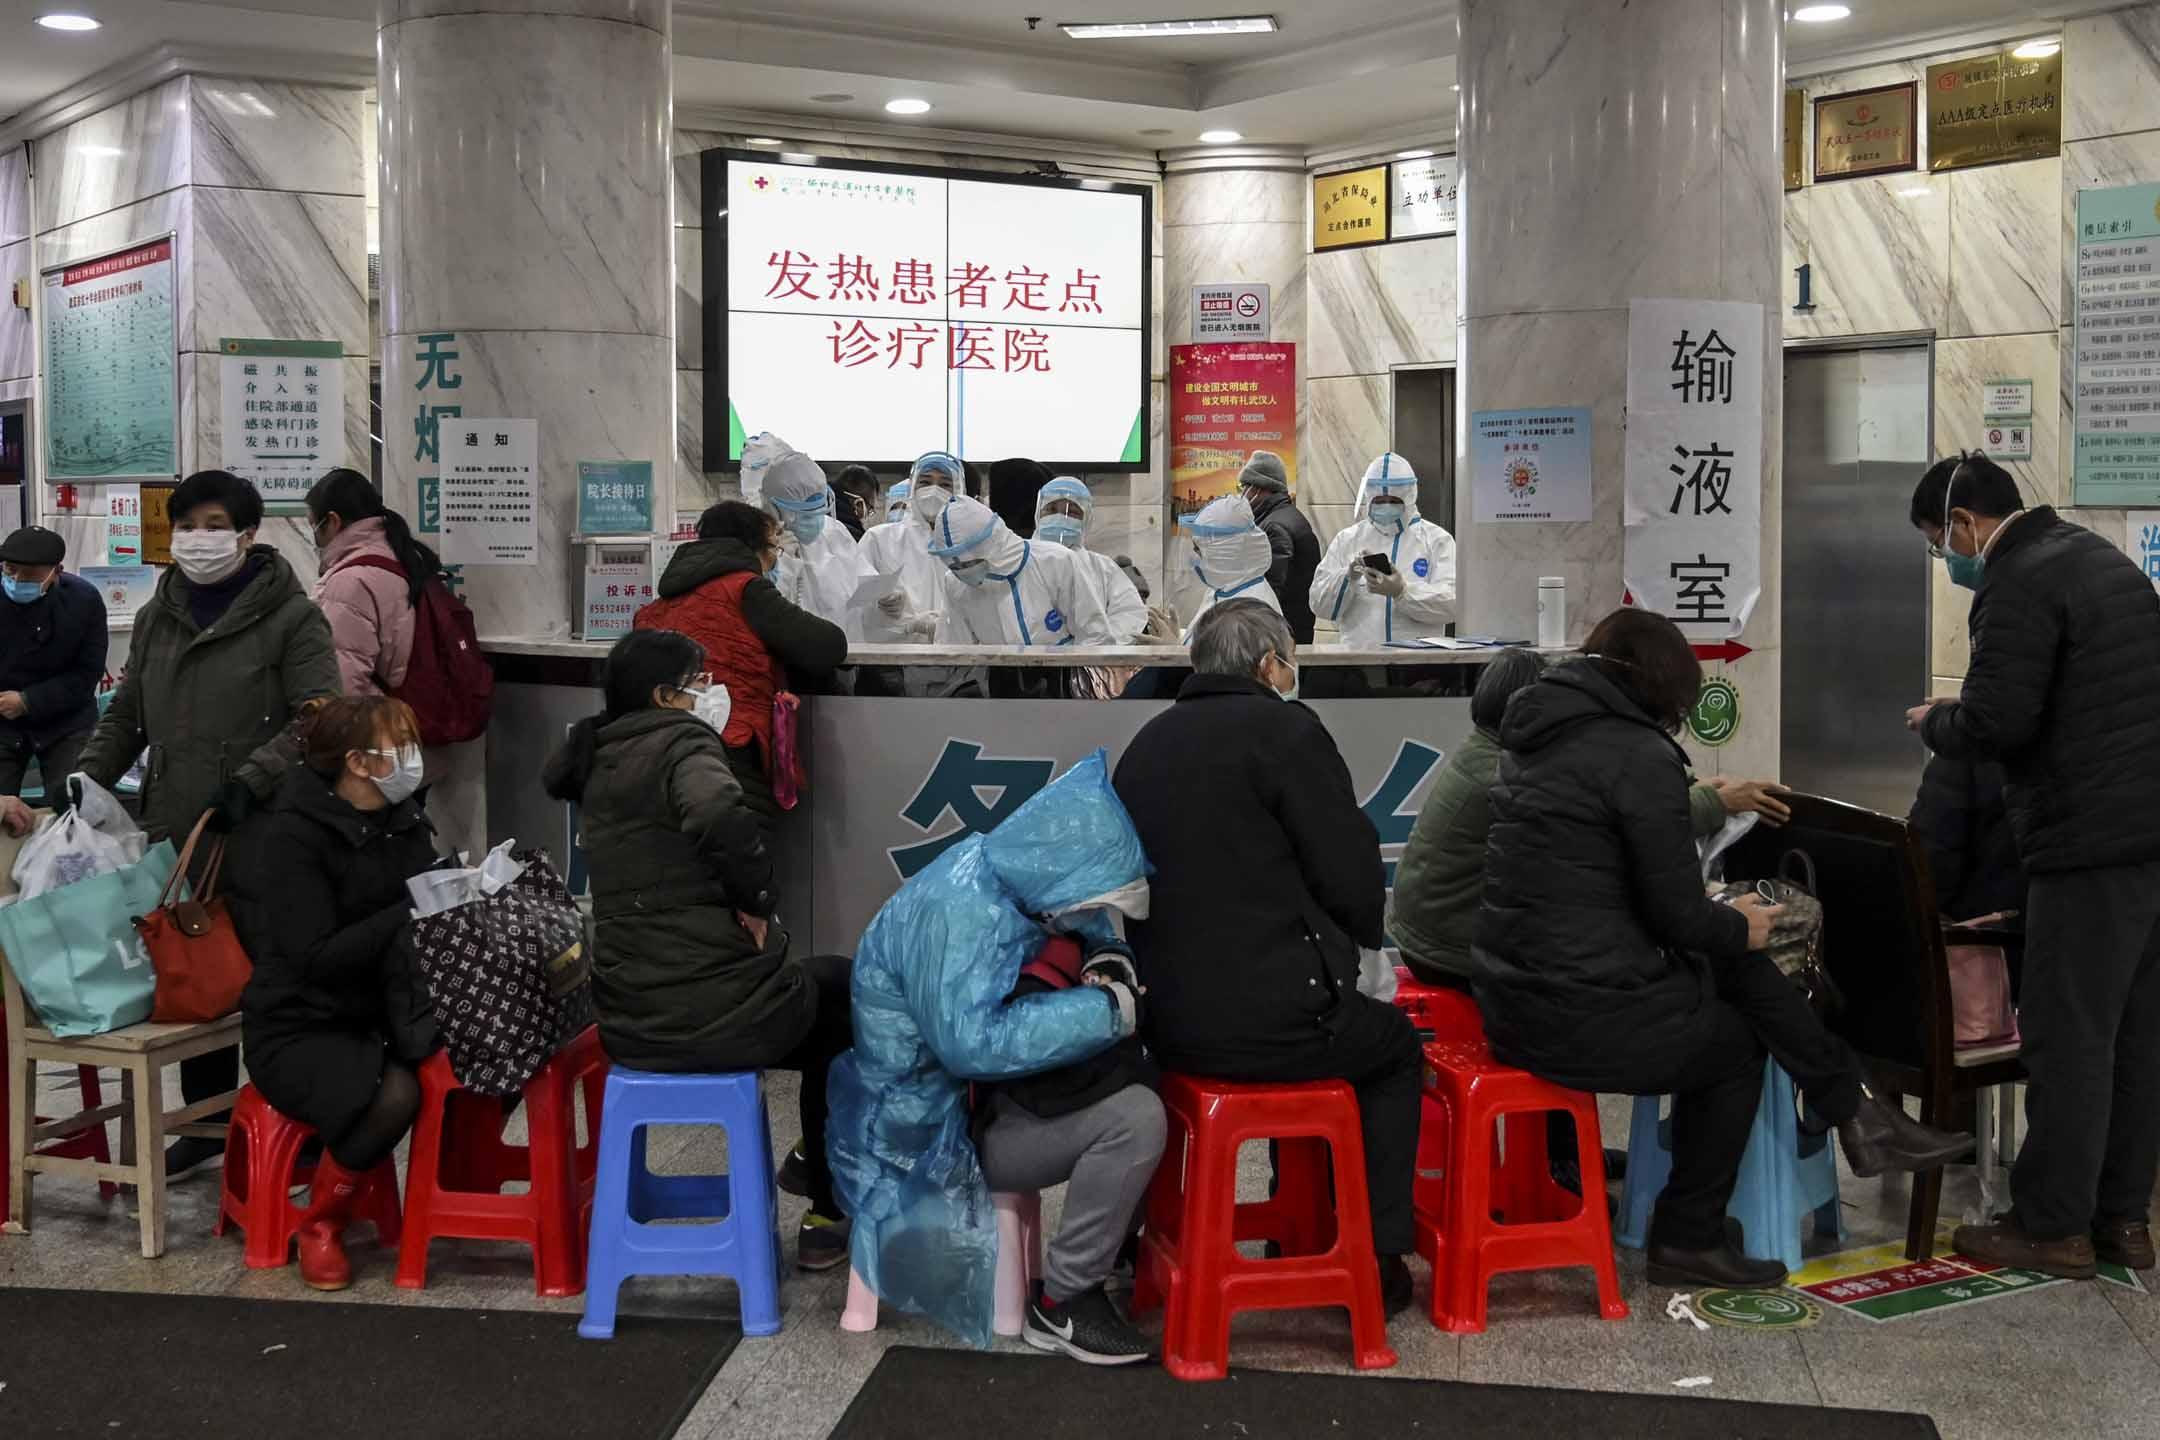 2020年1月24日,武漢市紅十字會醫院,穿著防護服的醫務人員及等候的病人。 攝:Hector Retamal/AFP via Getty Images